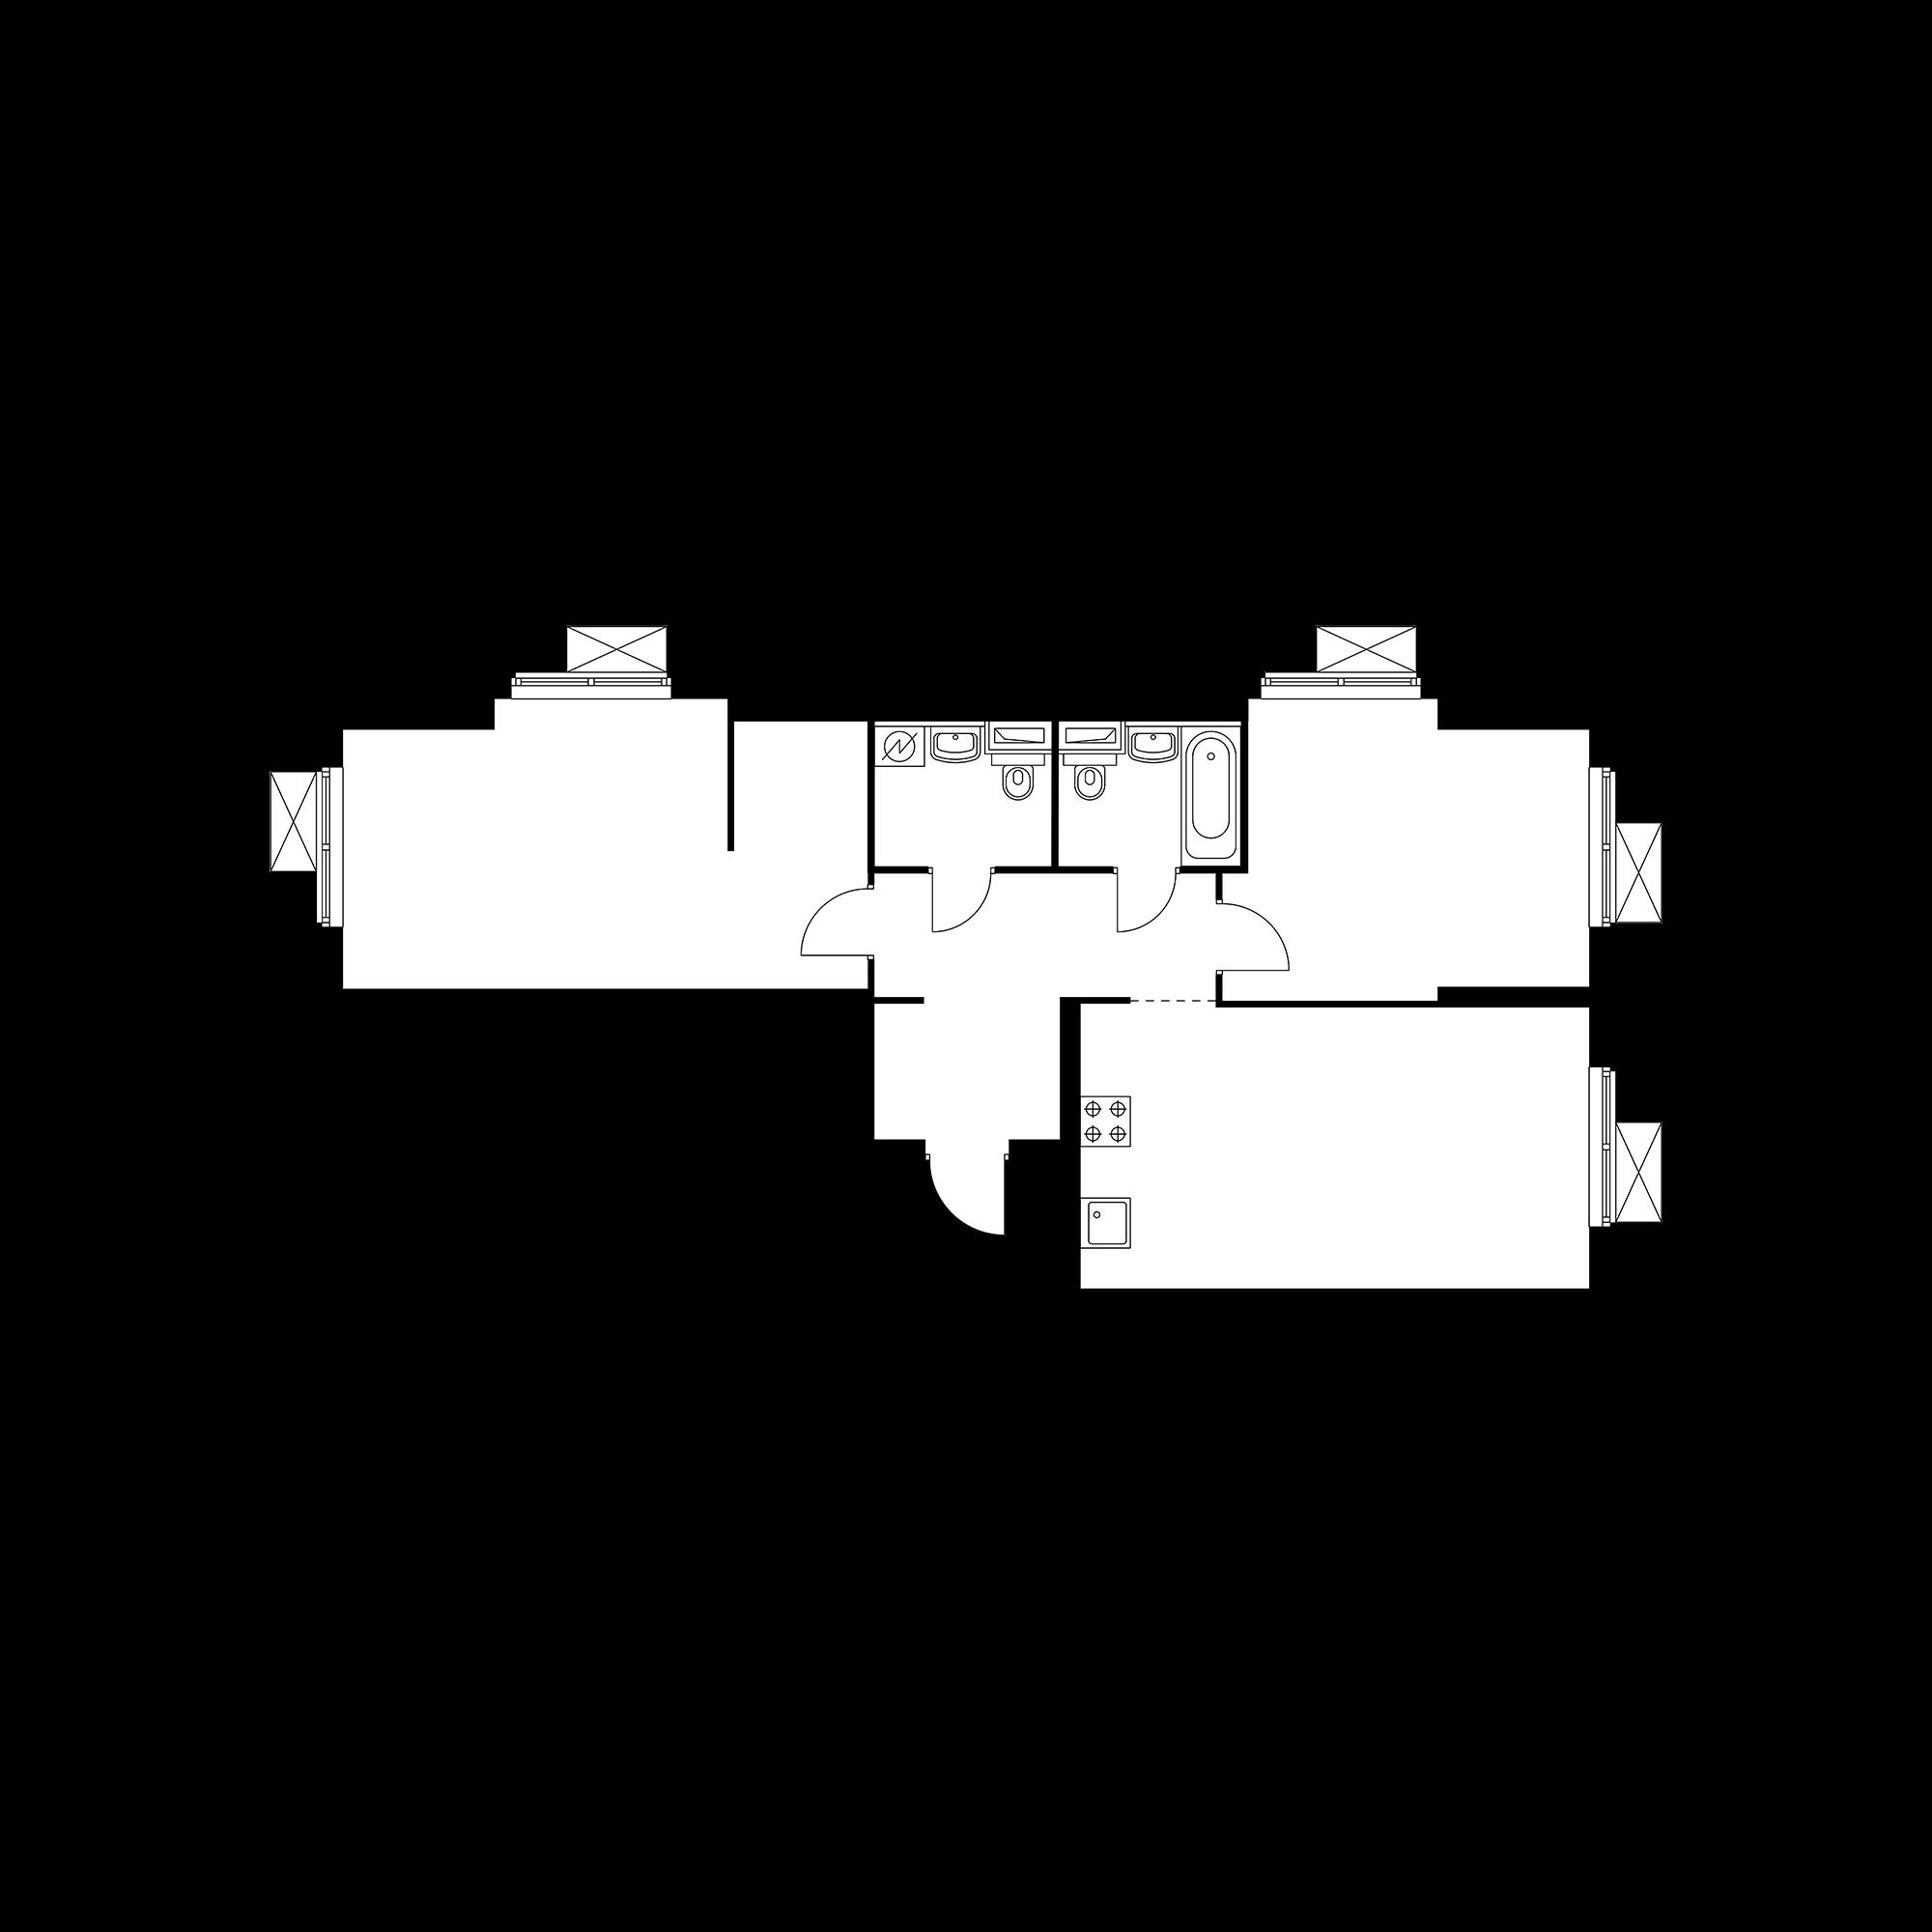 2-комнатная 72.28  м²